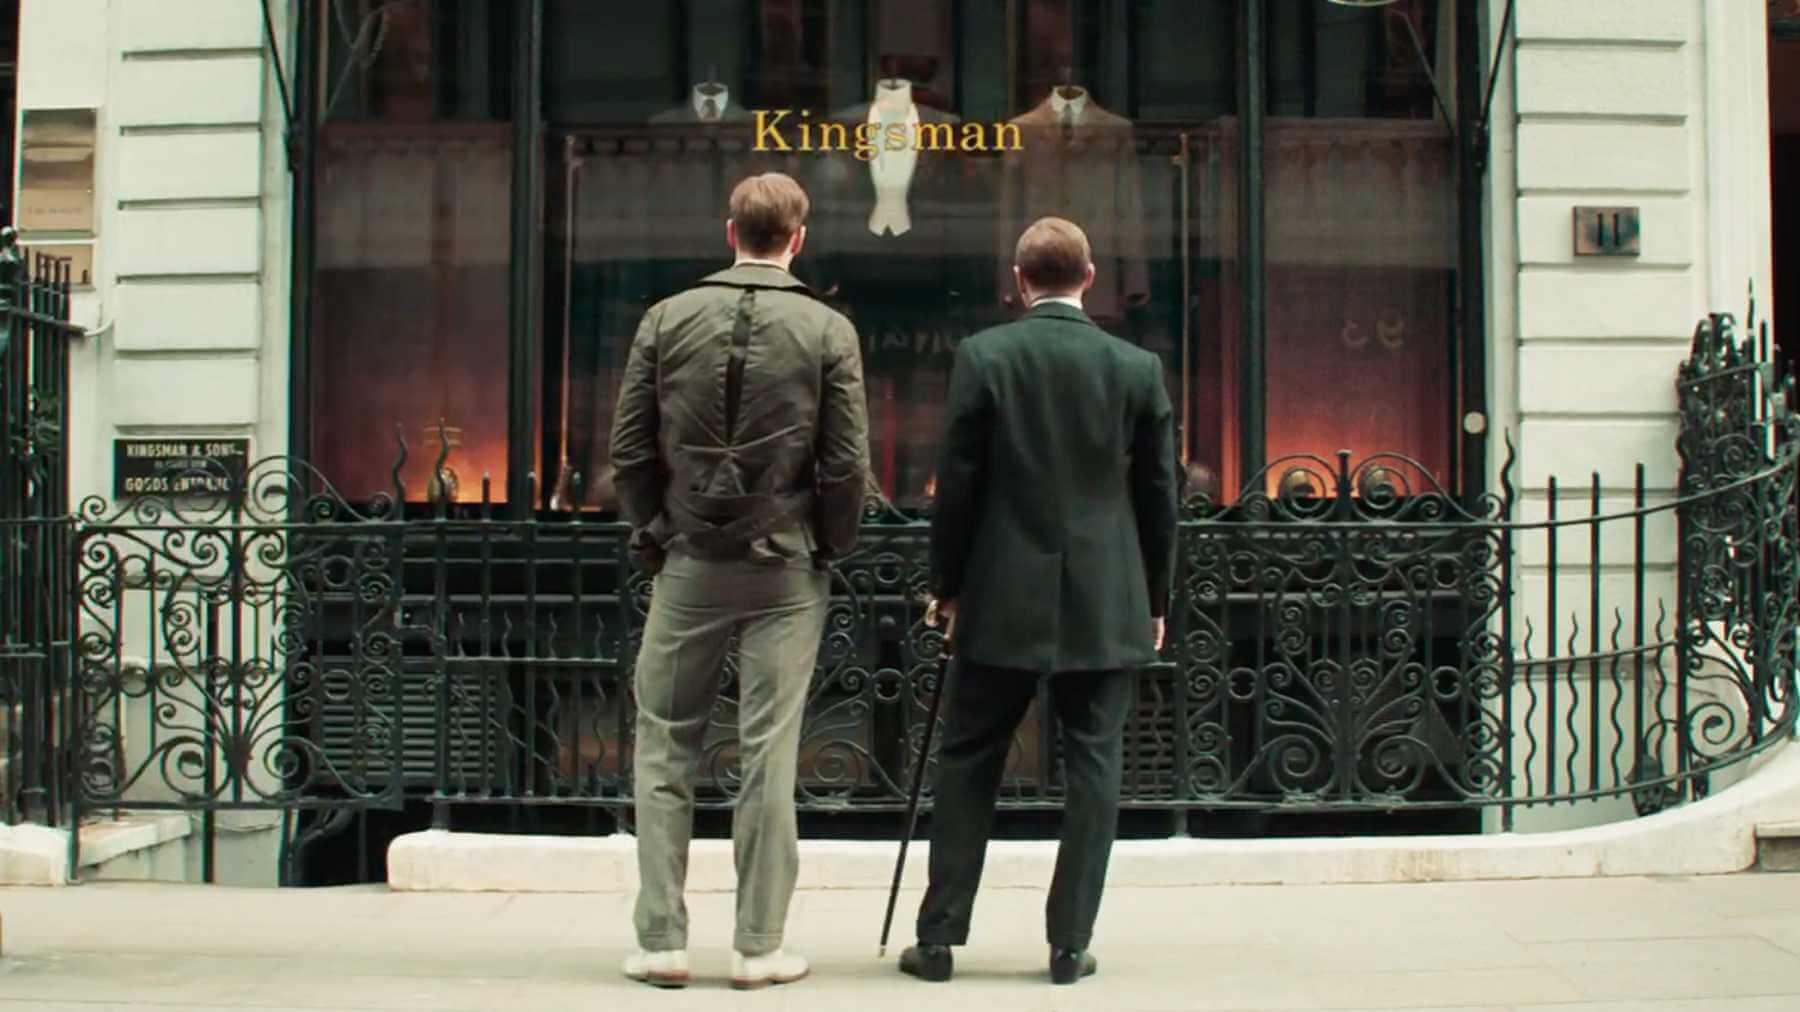 پیشنمایش The King's Man، جدیدترین فیلم از مجموعه فیلم «کینگزمن»